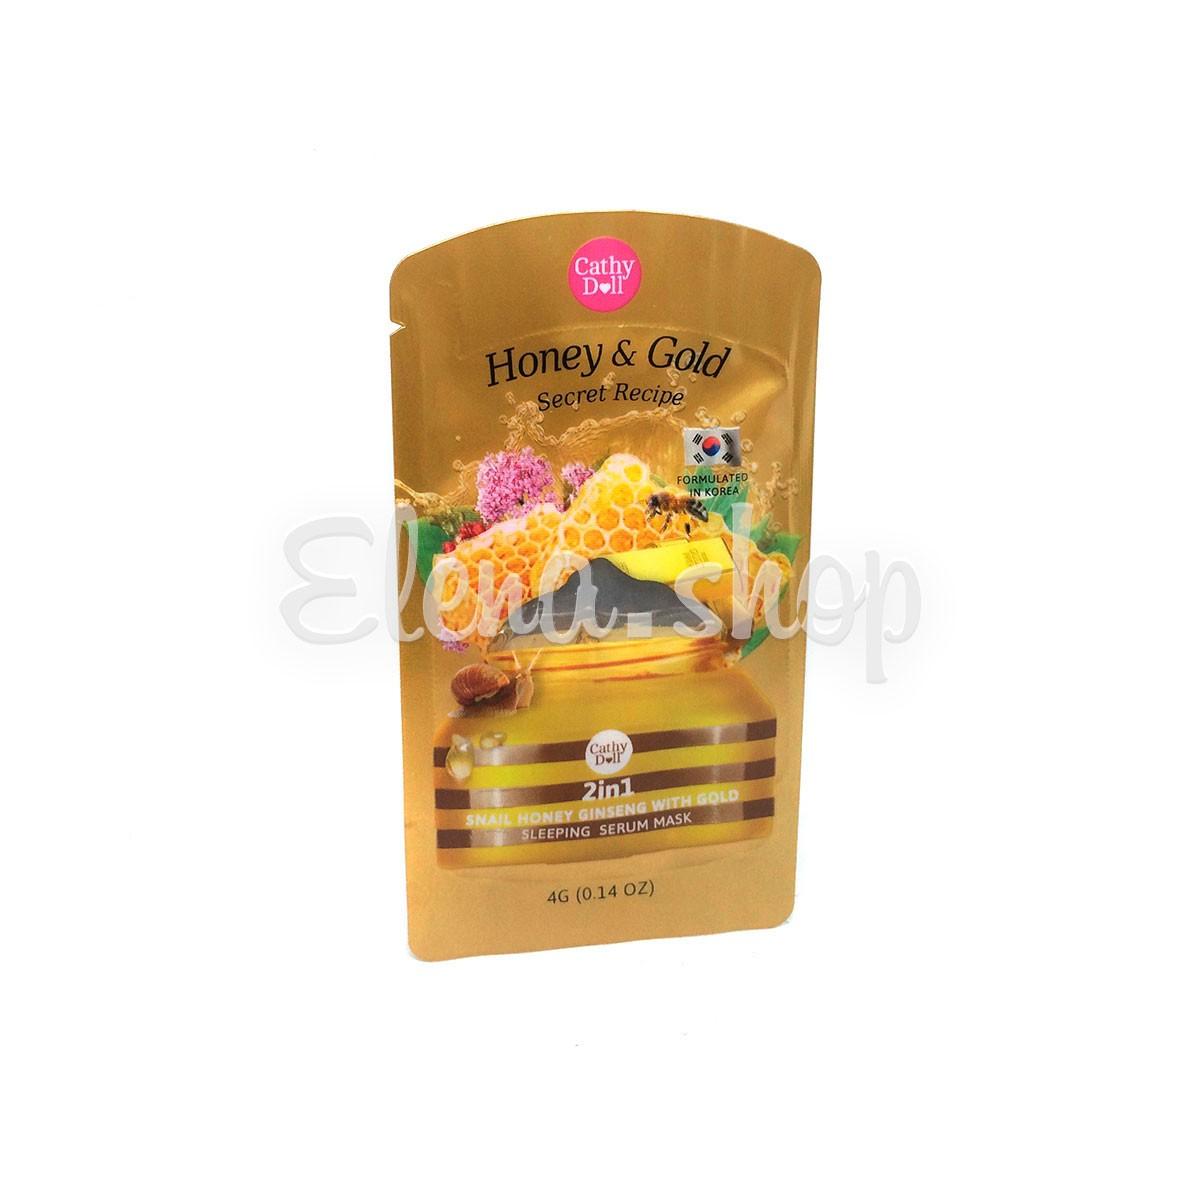 Корейская ночная маска-сыворотка с улиткой, женьшенем, медом и золотом Cathy Doll